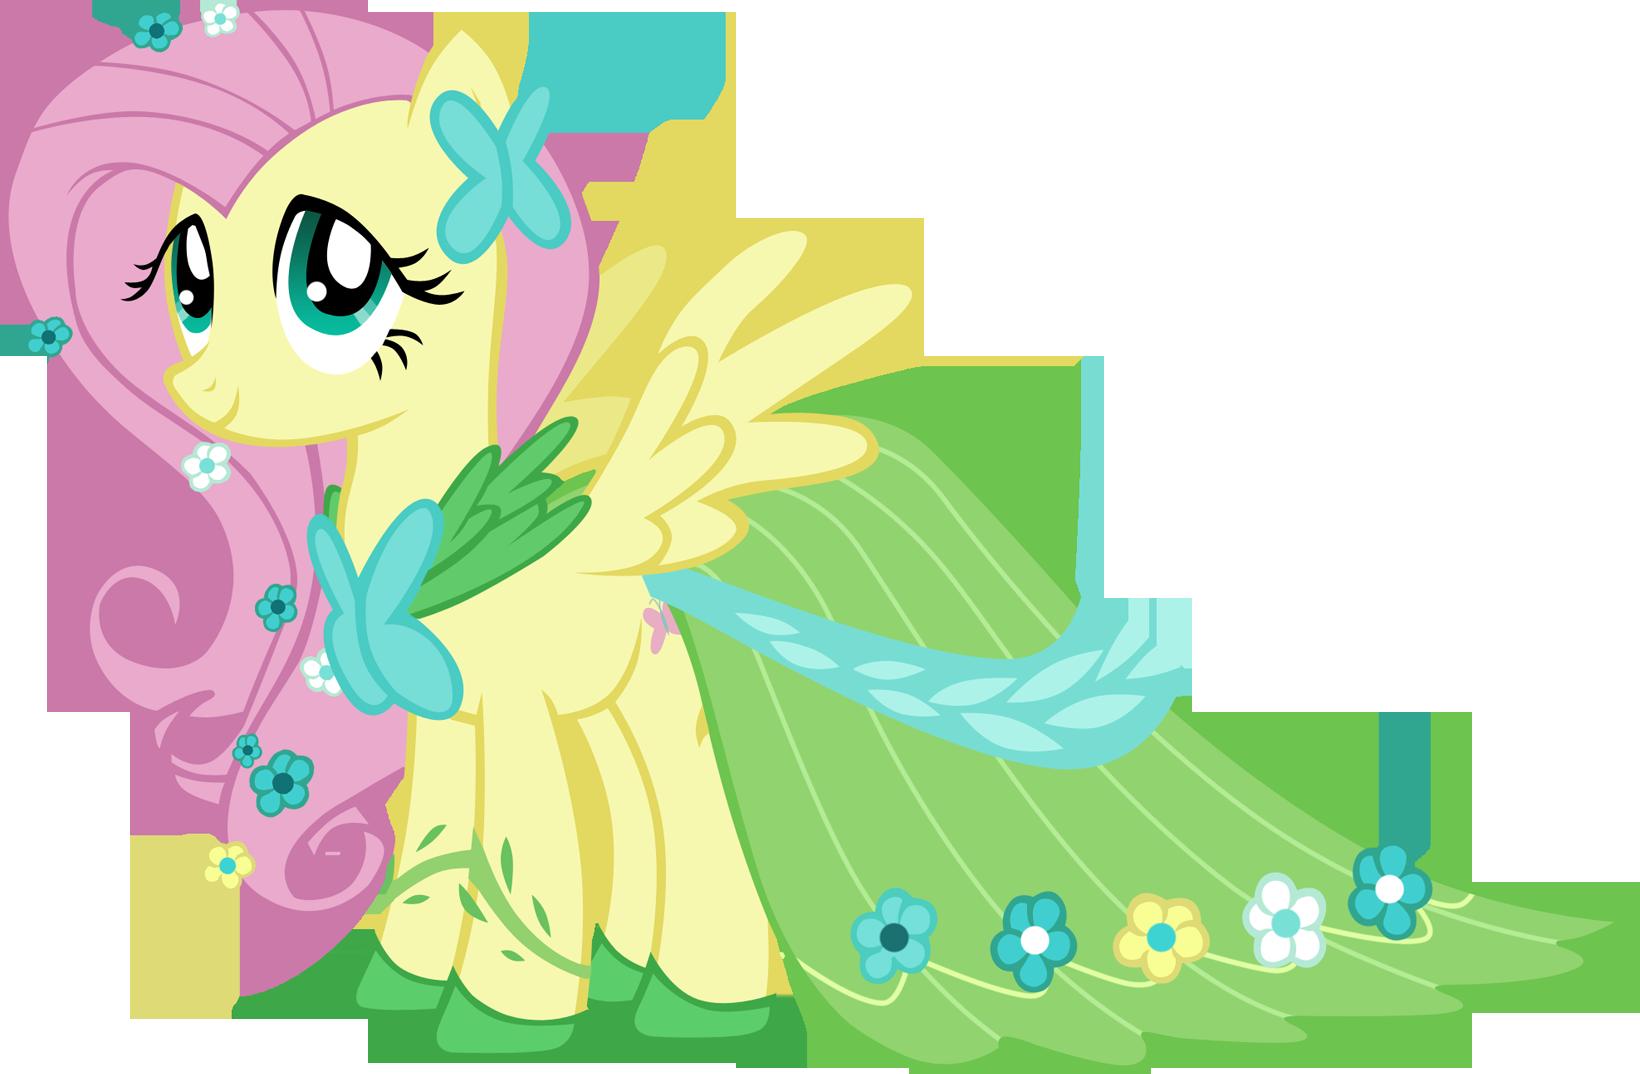 Fluttershy Gala Dress by Fluttershy70 on DeviantArt